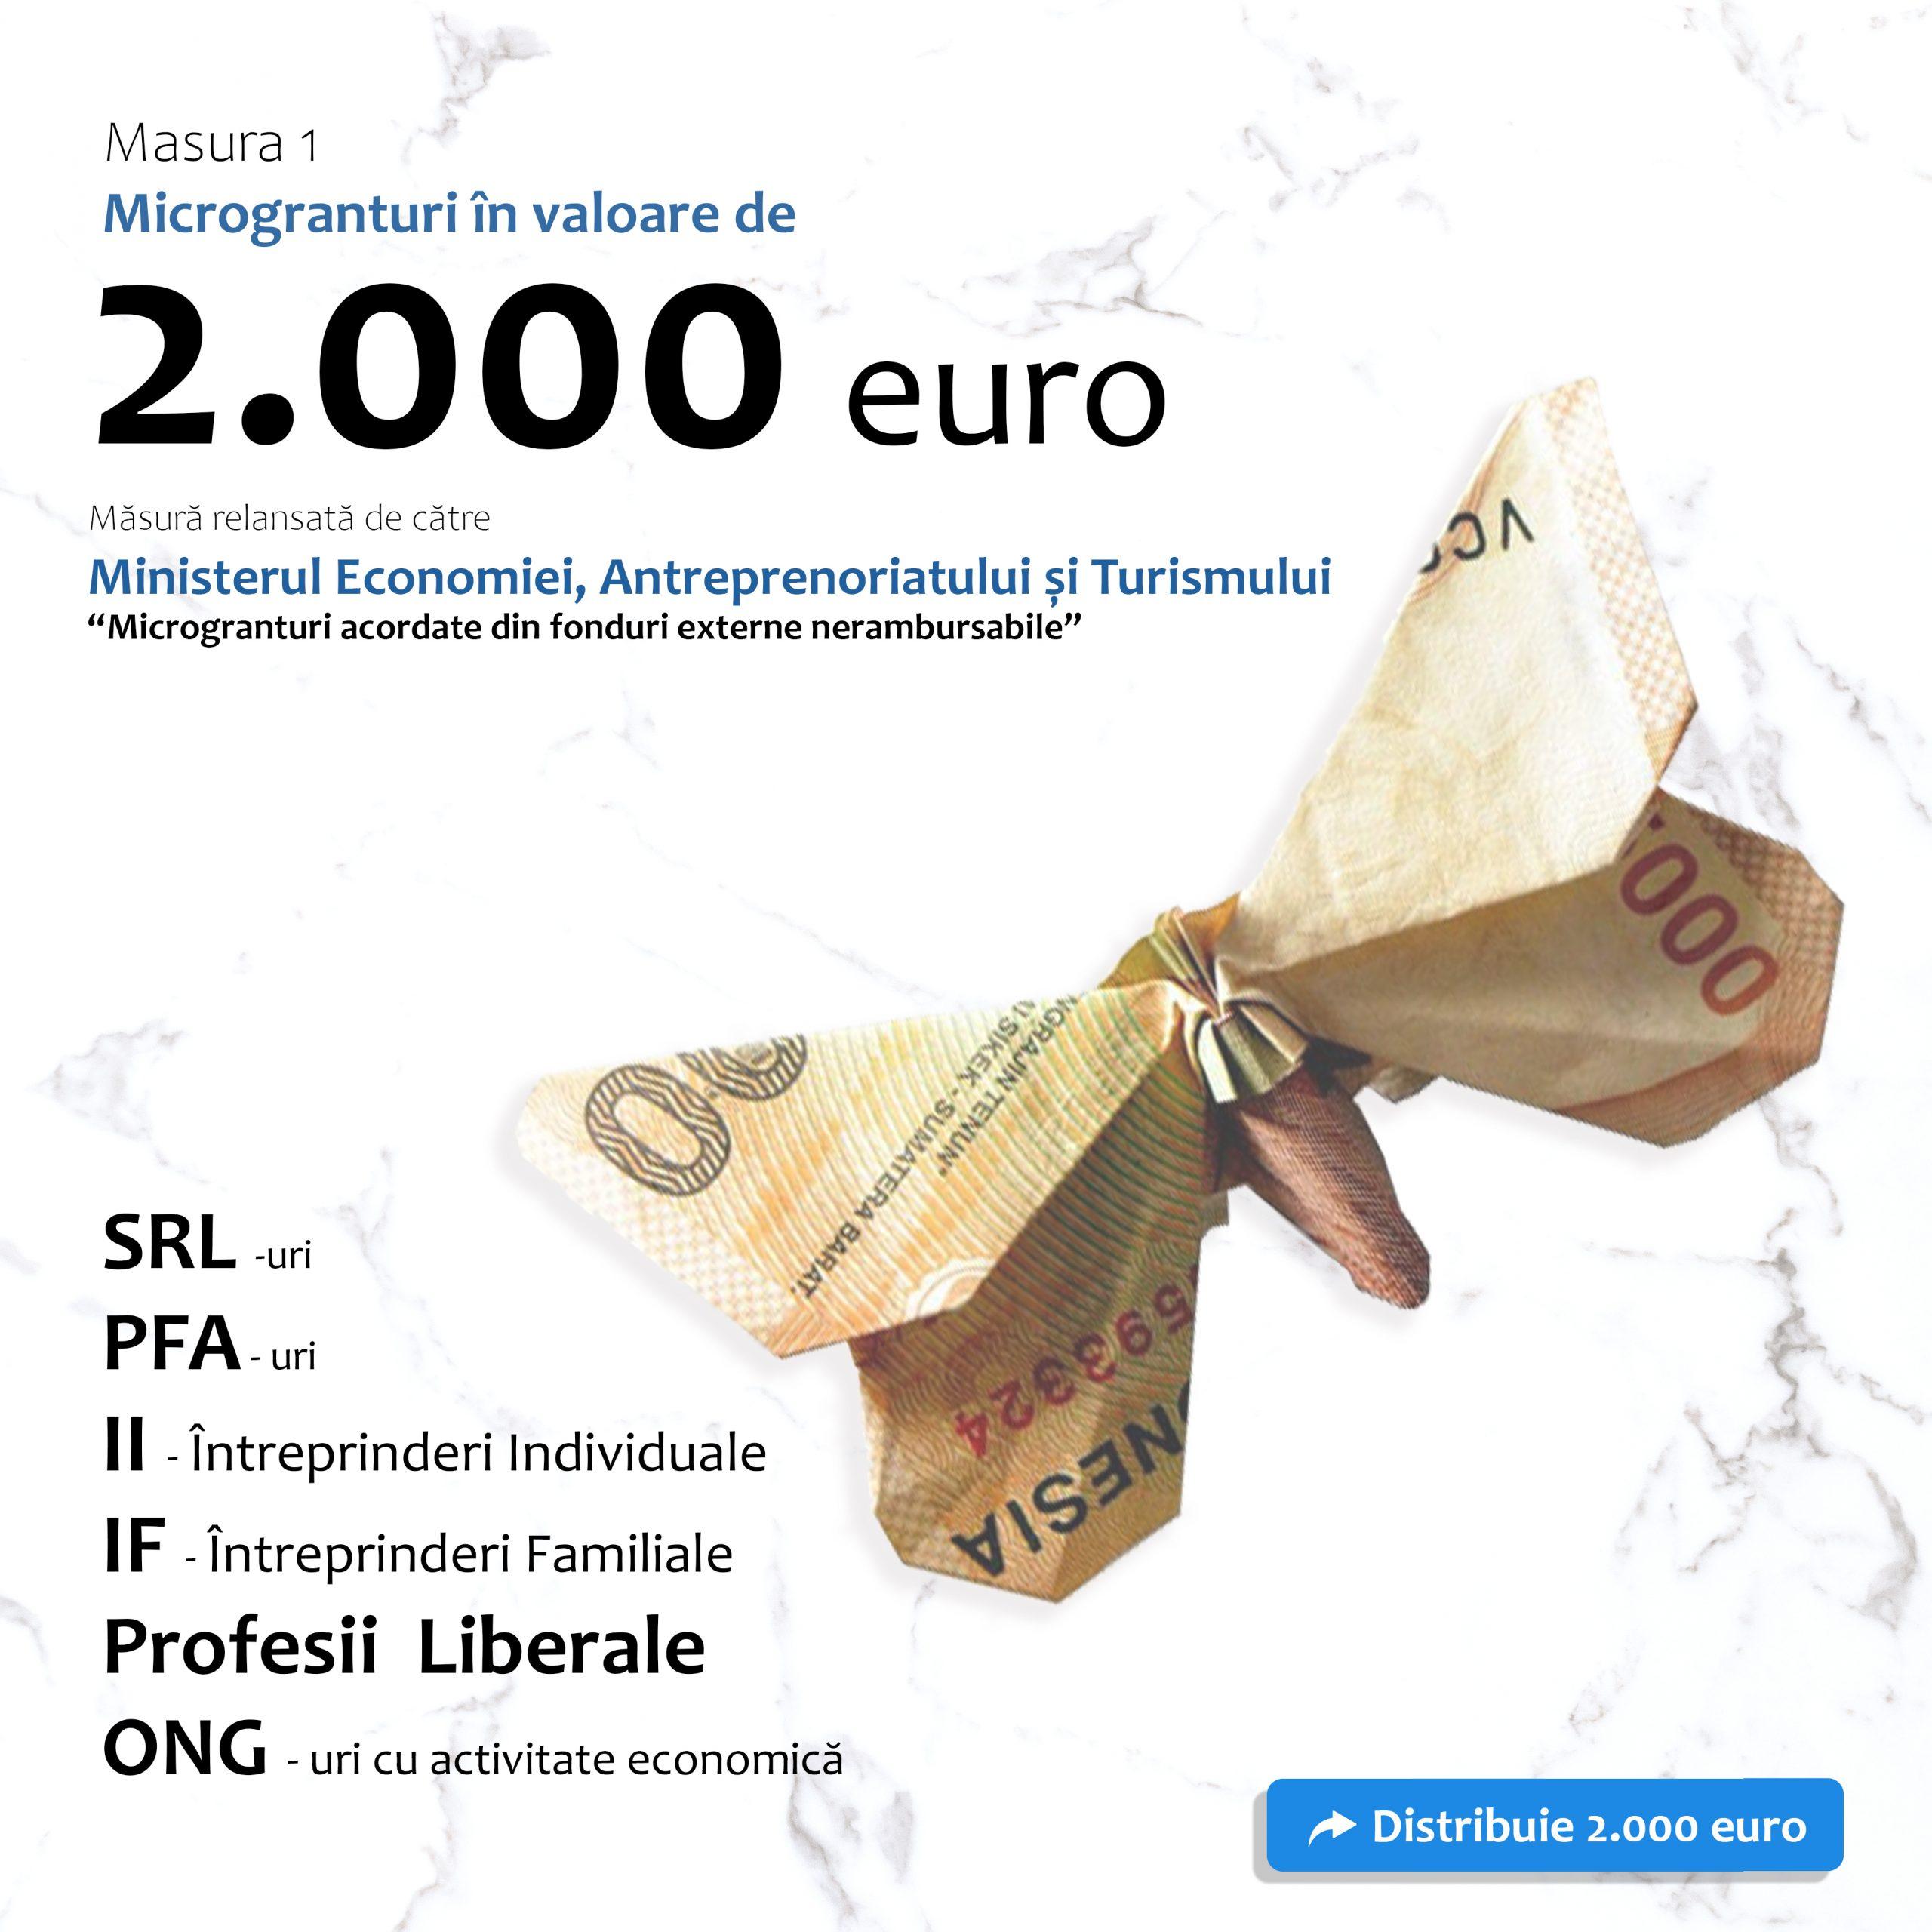 Accesare Măsura 1 - Microgranturi în valoare de 2.000 euro